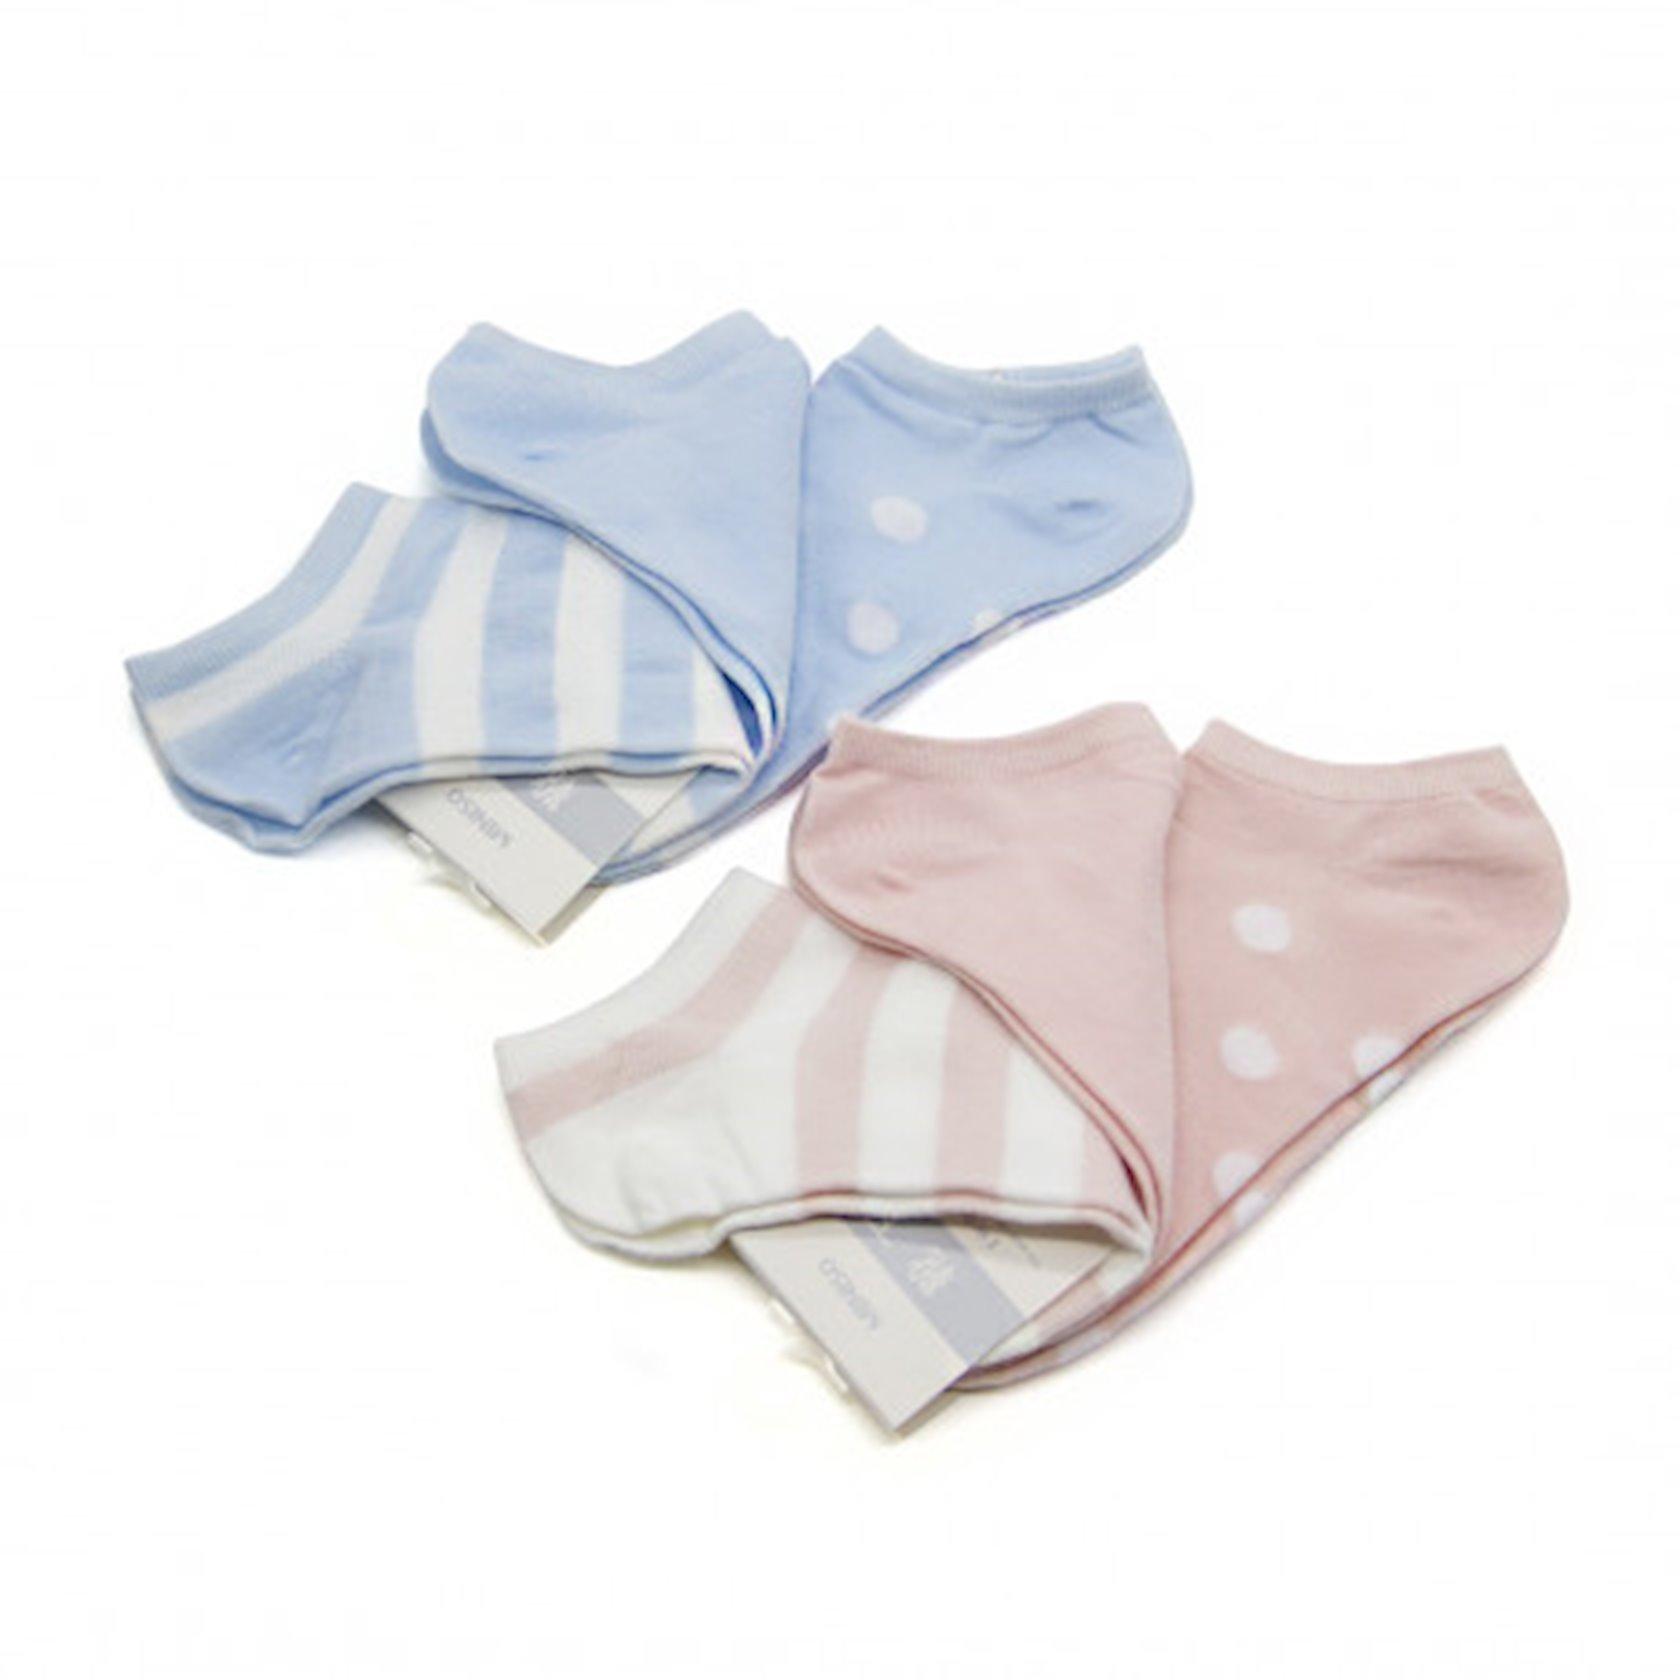 Corab Miniso Women's Classic Striped Low-Cut Socks,Müxtəlif rənglər,(3 cüt)